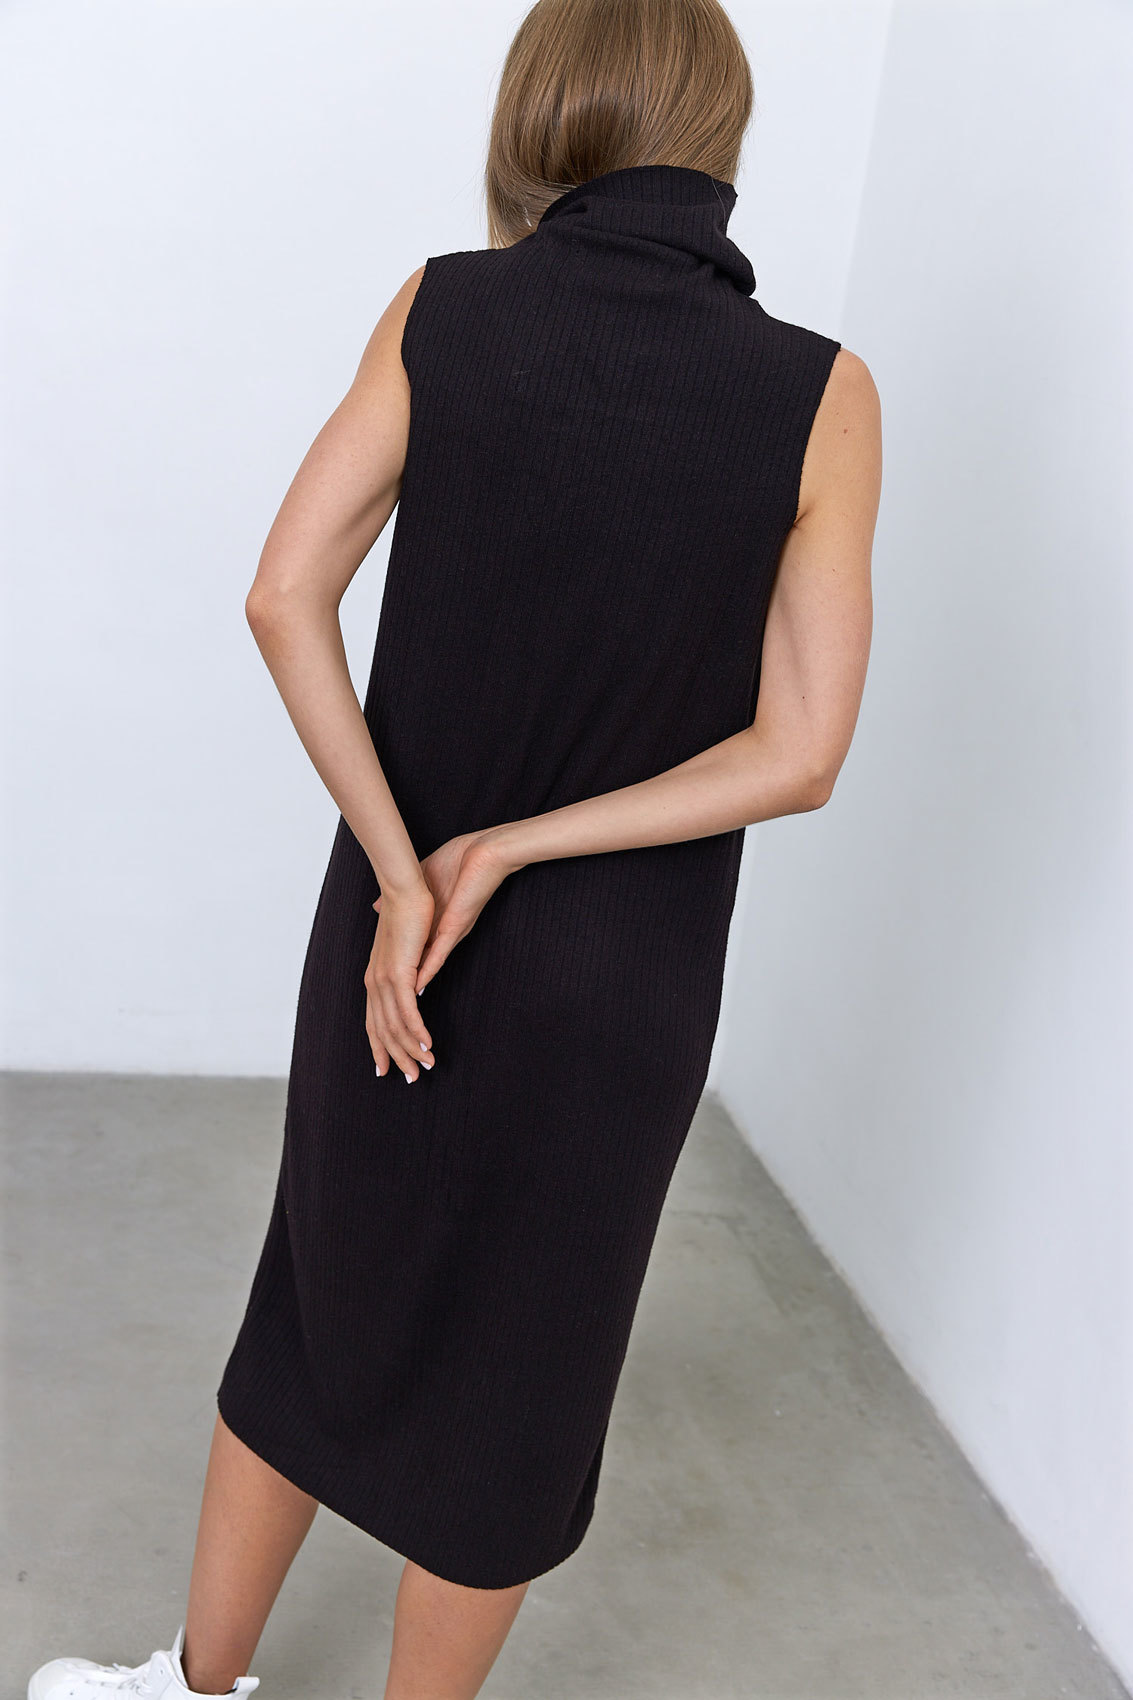 Платье-водолазка без рукавов (трикотаж), угольно-черный